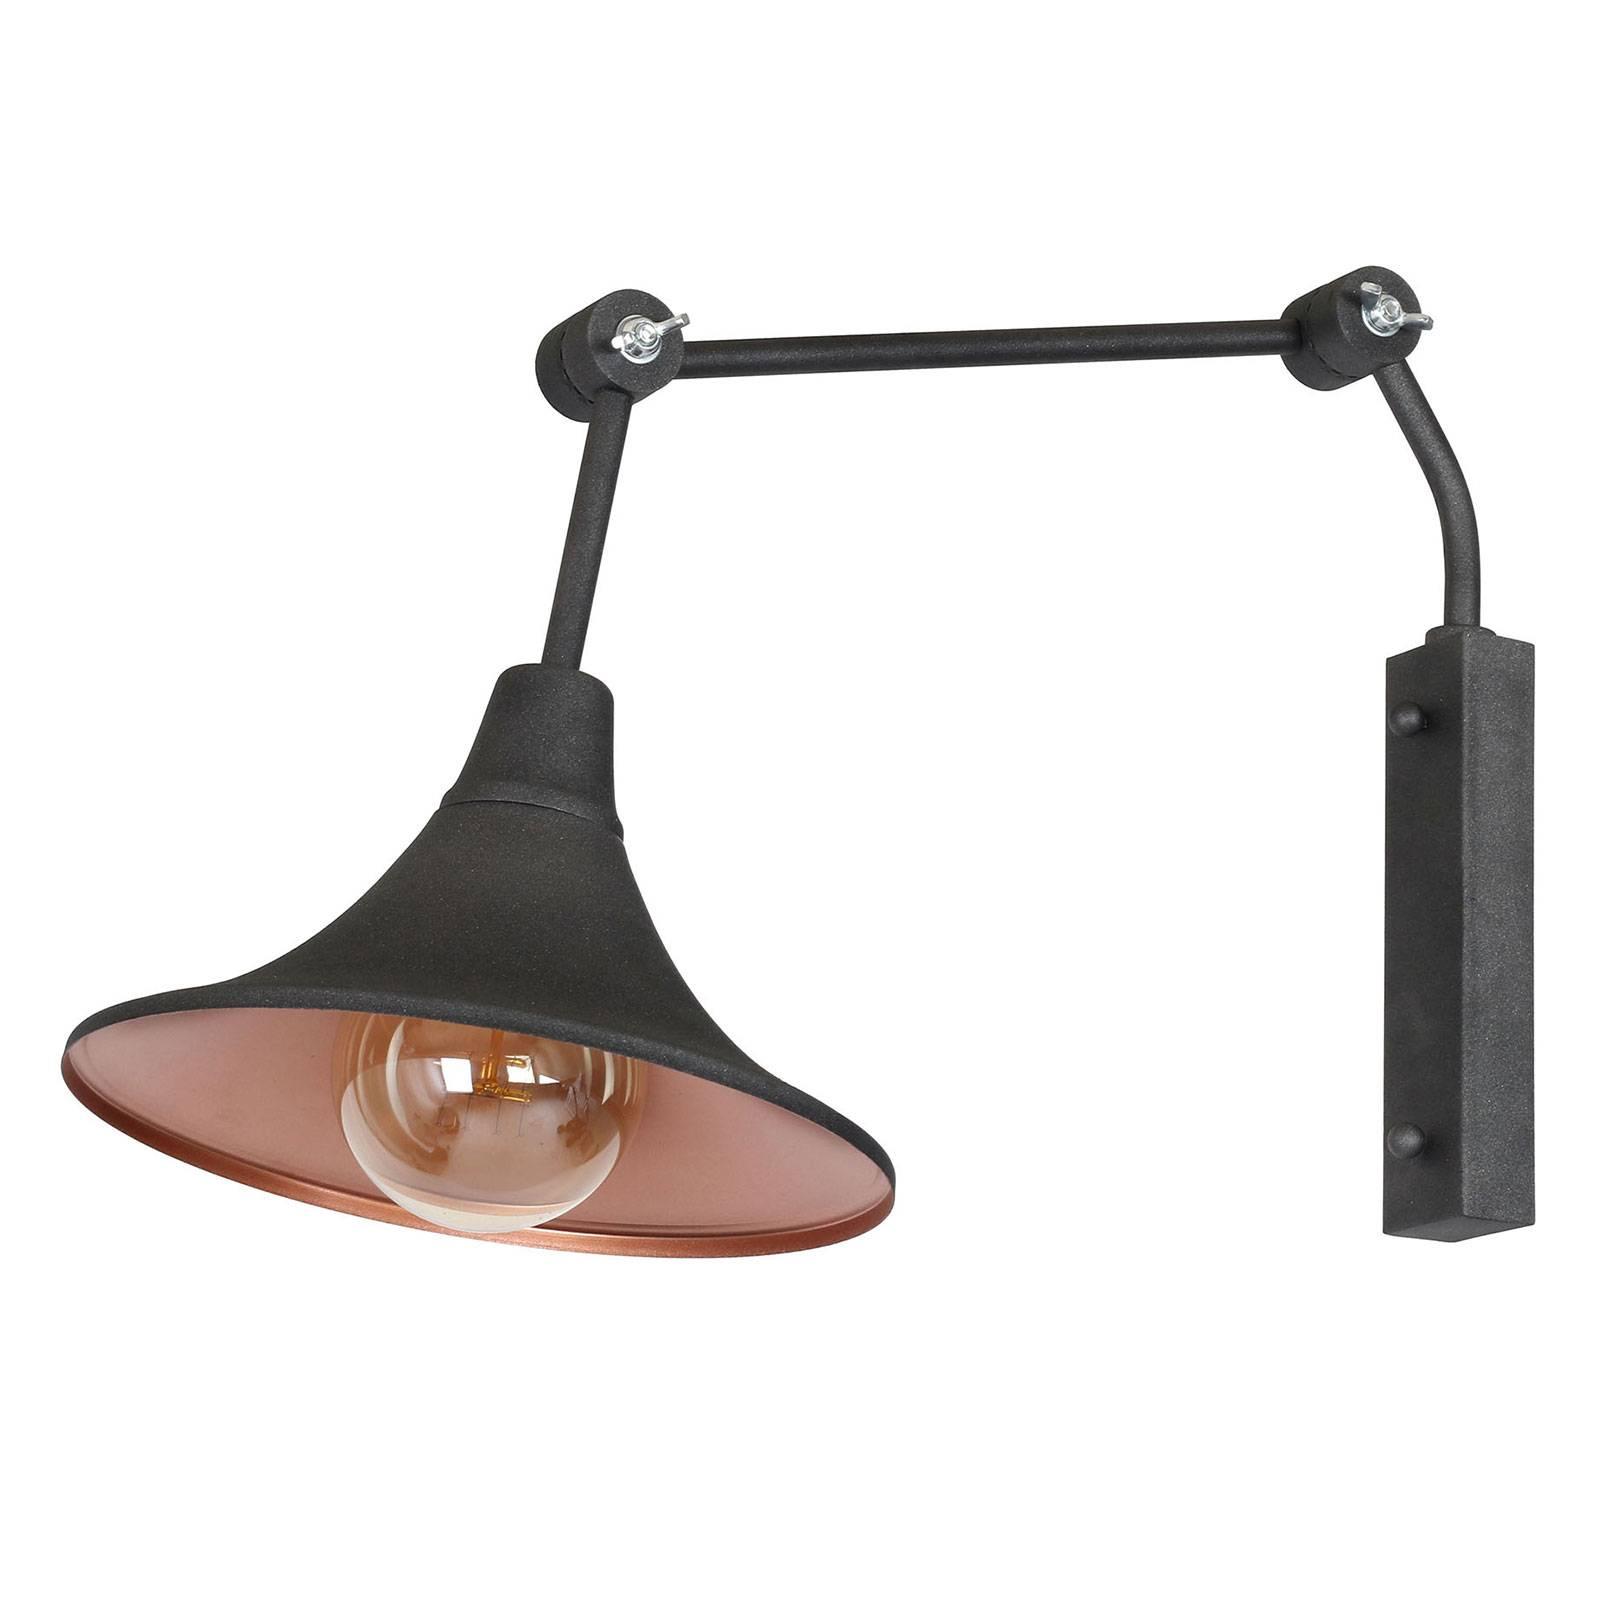 Seinävalaisin 785, 1-lamppuinen, grafiitti/kupari